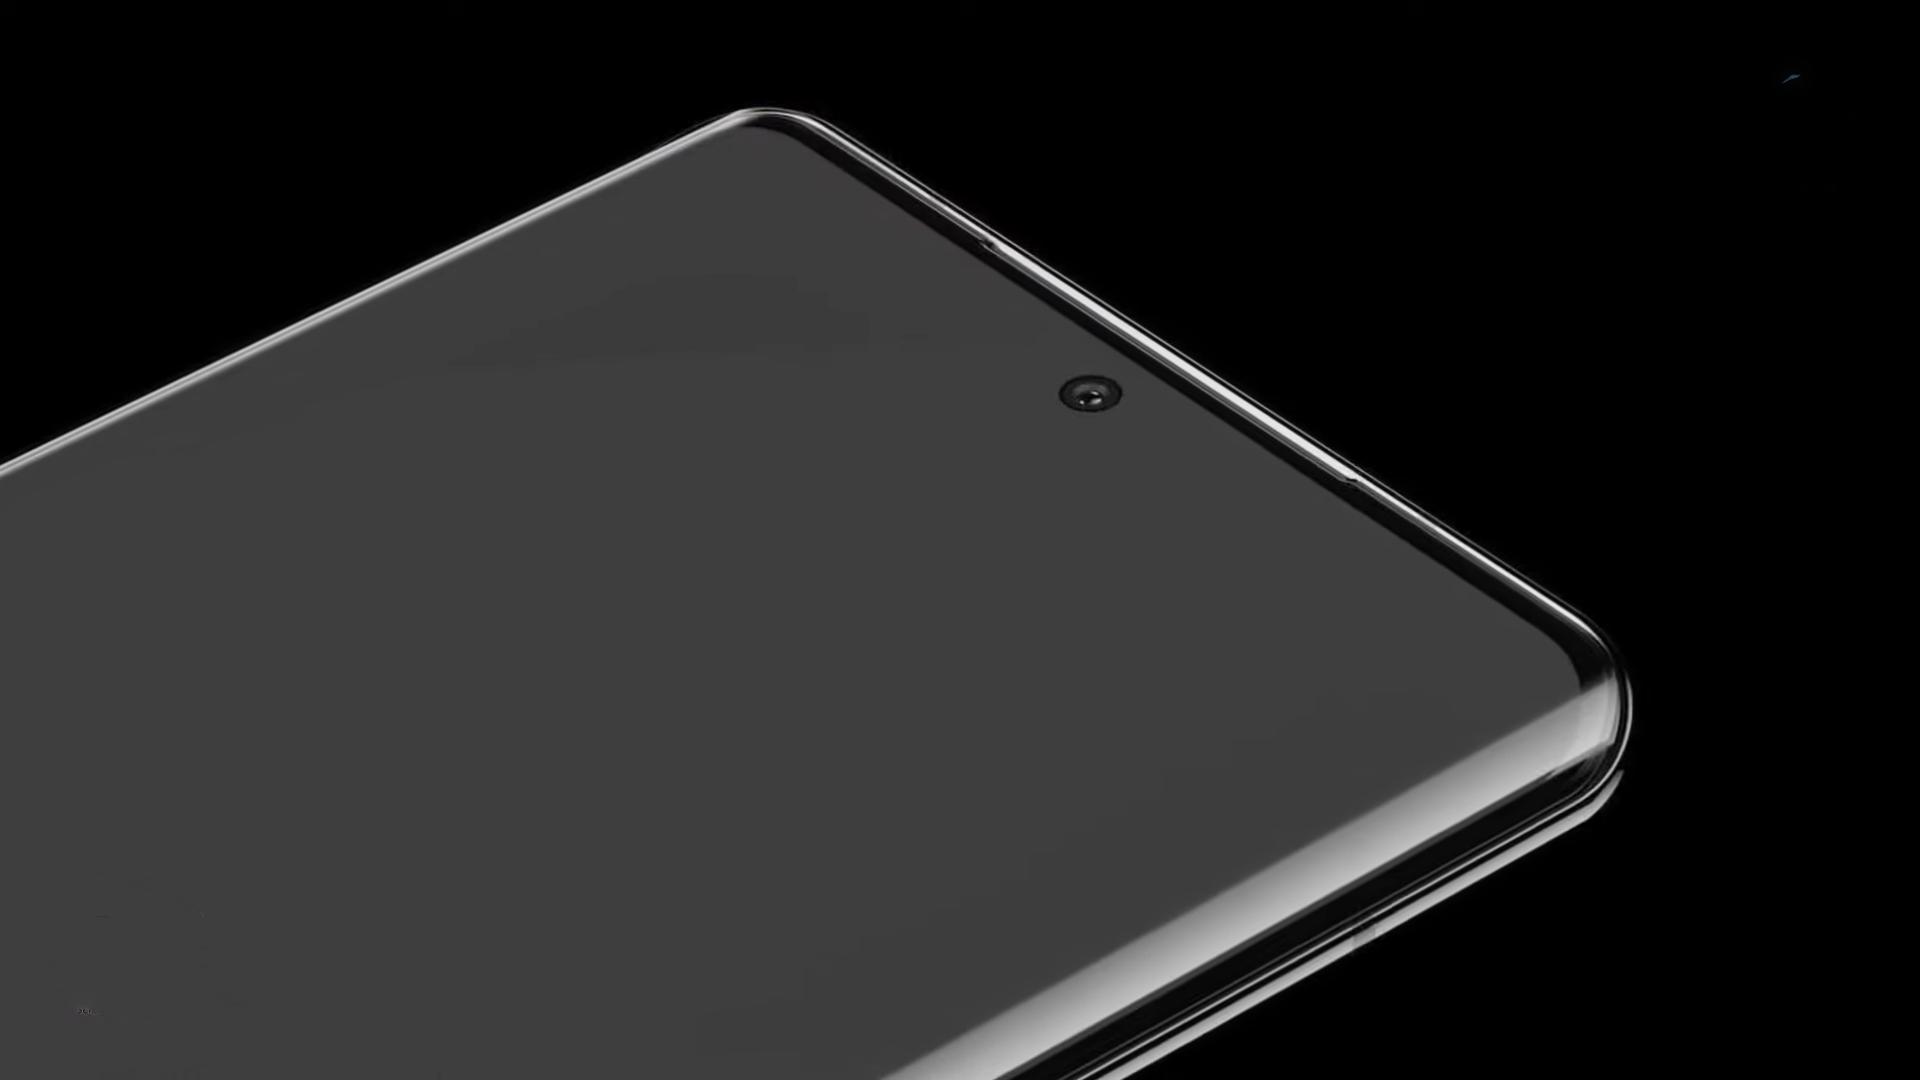 华为P50概念新机,后置6400万五摄,都极为出色 数码科技 第6张